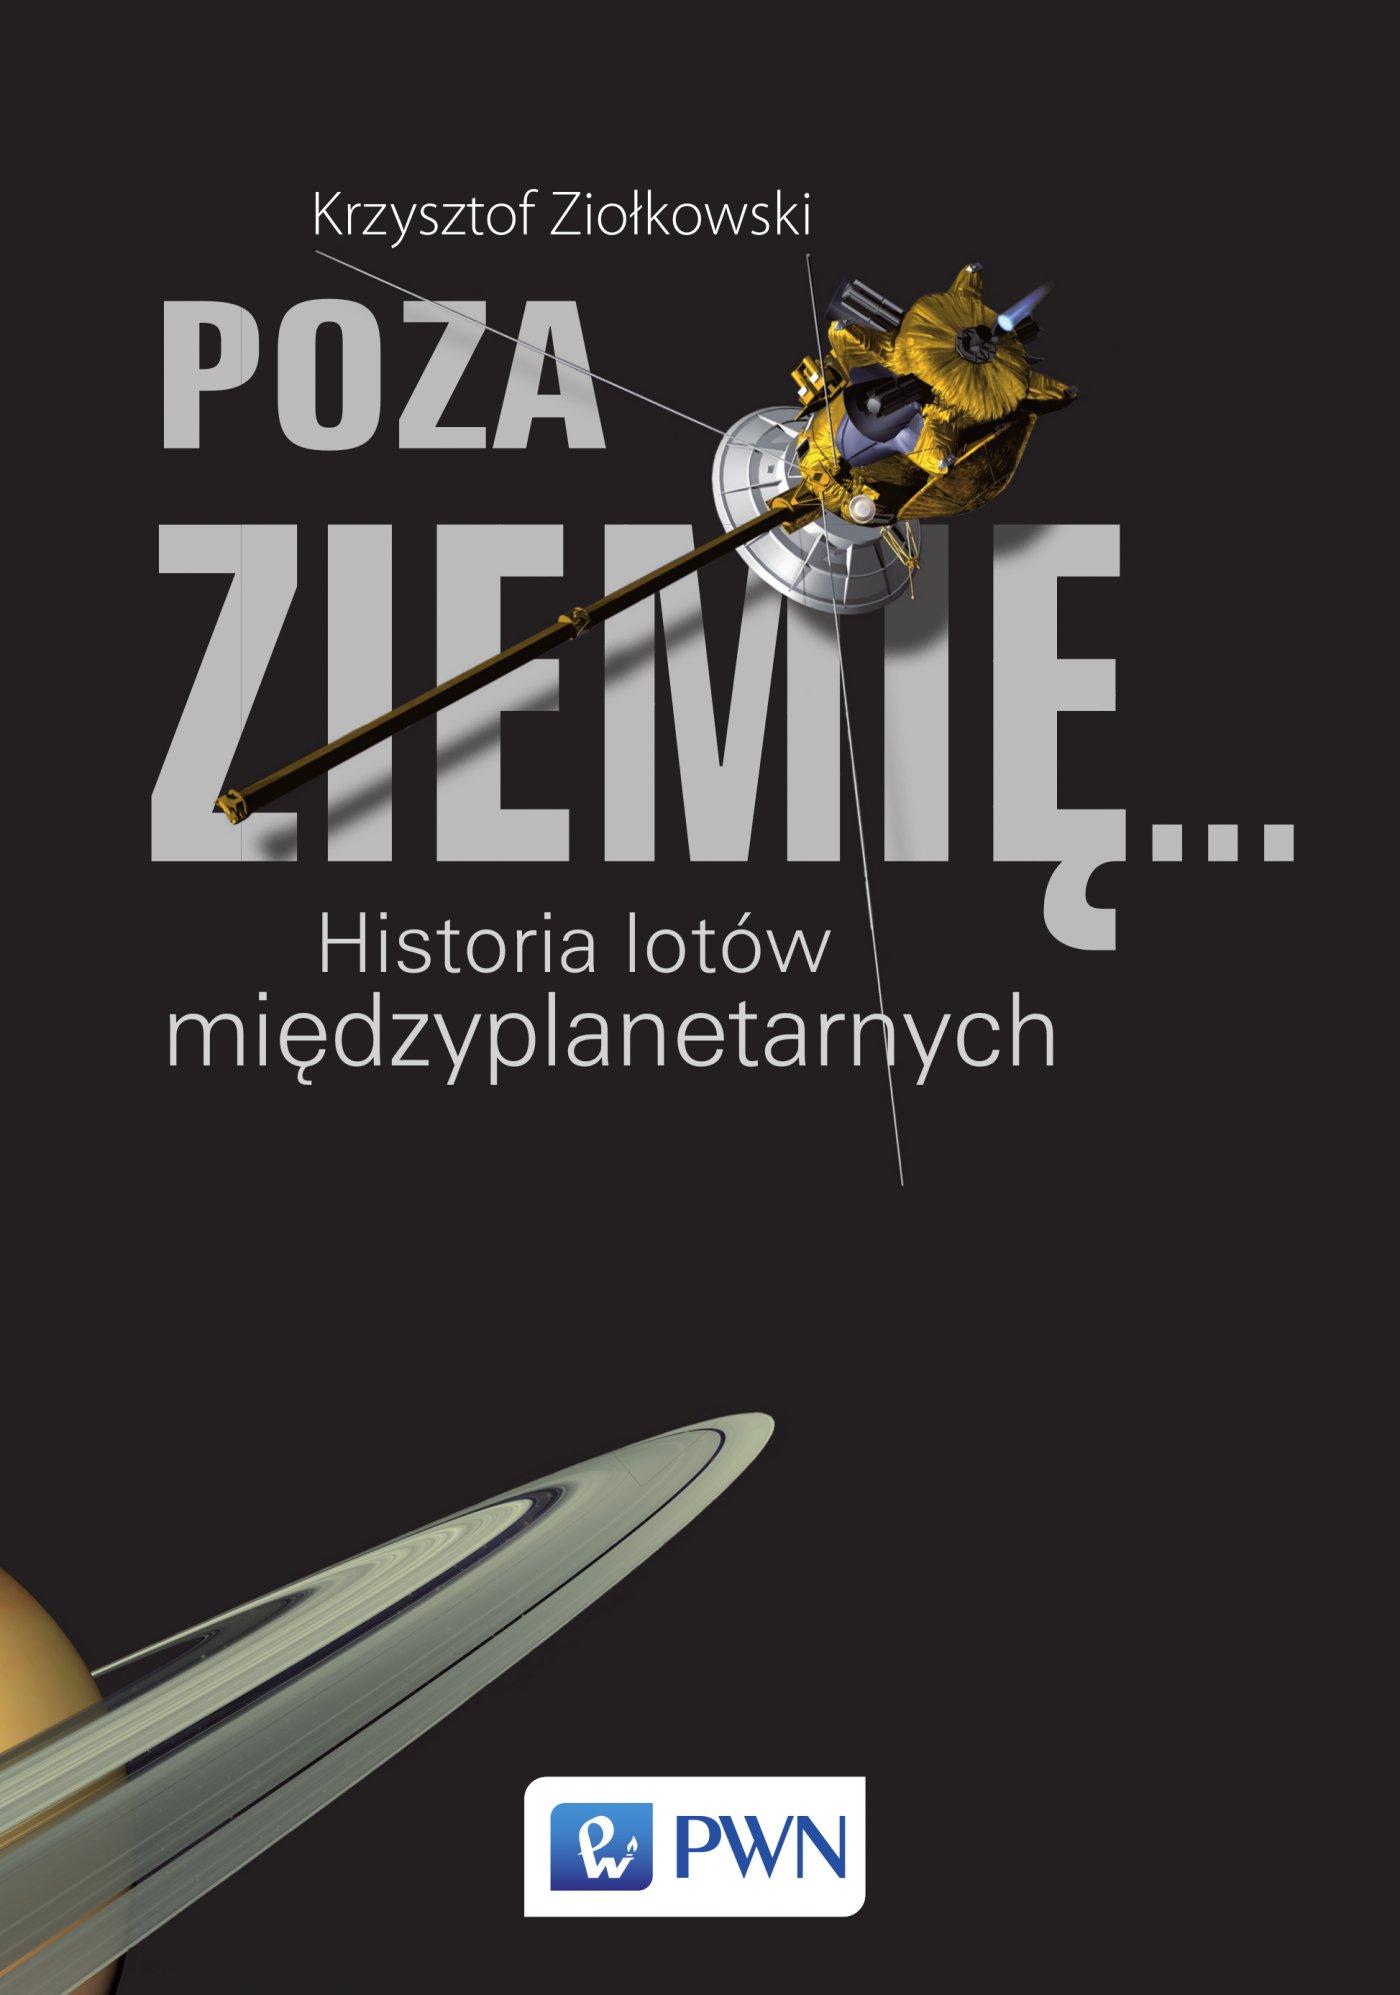 Poza ziemię. Historia lotów międzyplanetarnych - Ebook (Książka na Kindle) do pobrania w formacie MOBI